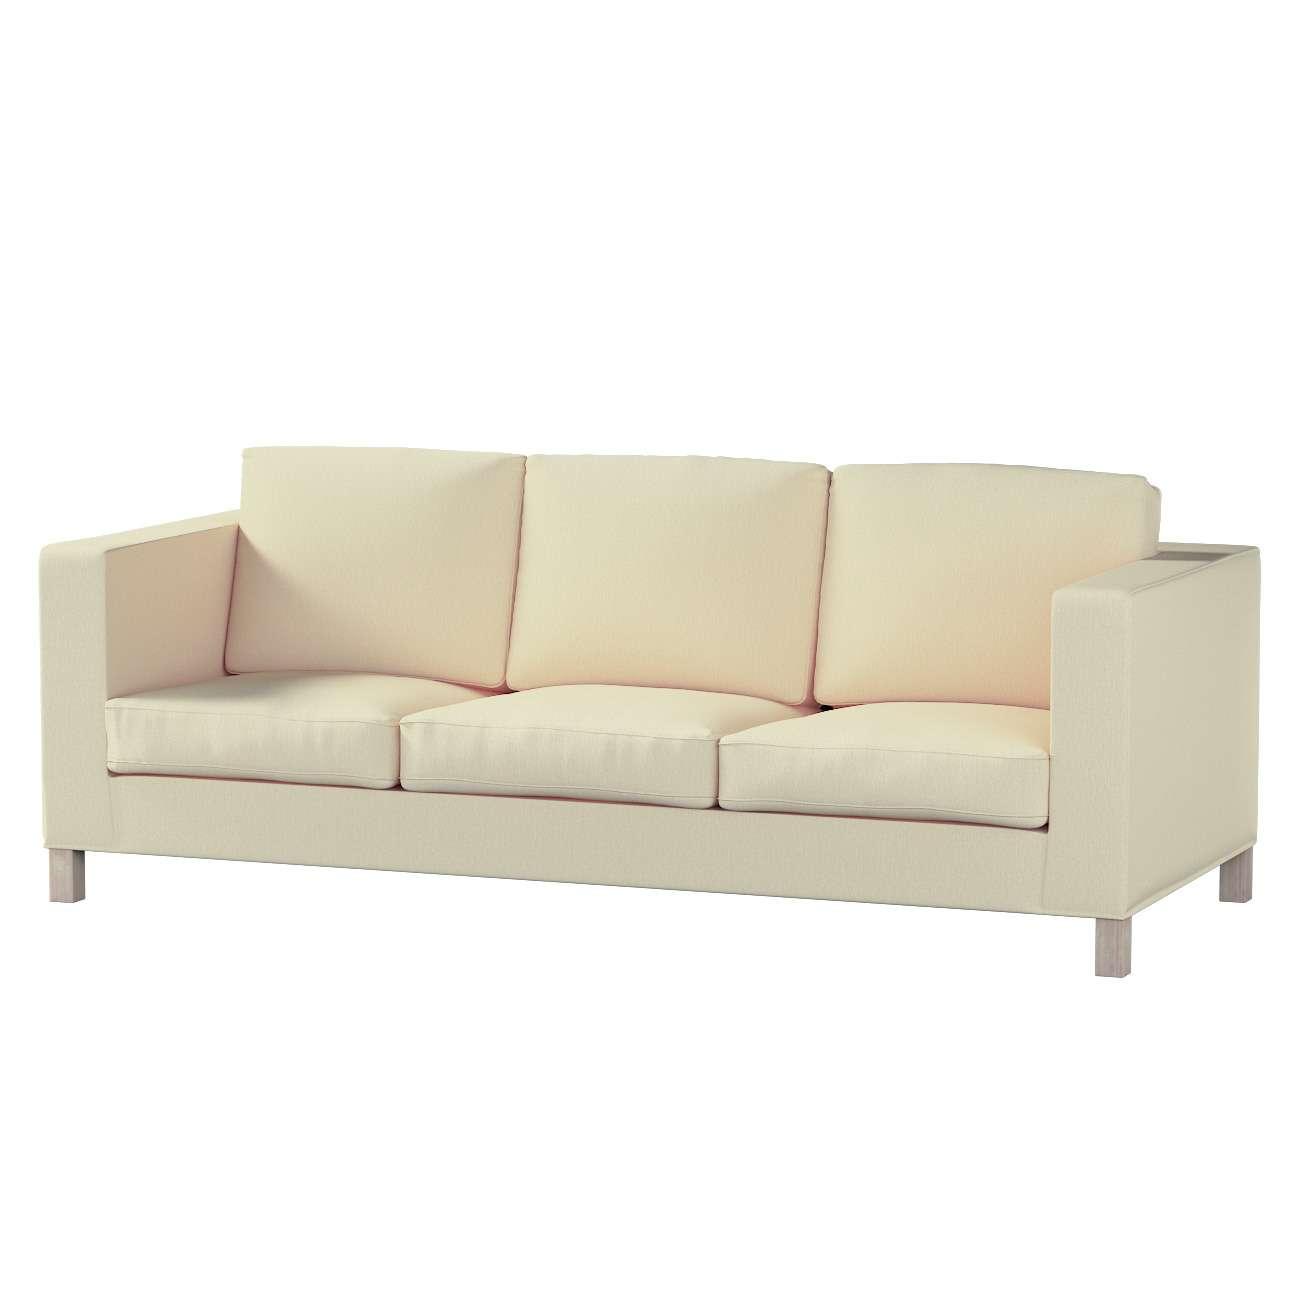 Pokrowiec na sofę Karlanda 3-osobową nierozkładaną, krótki w kolekcji Chenille, tkanina: 702-22